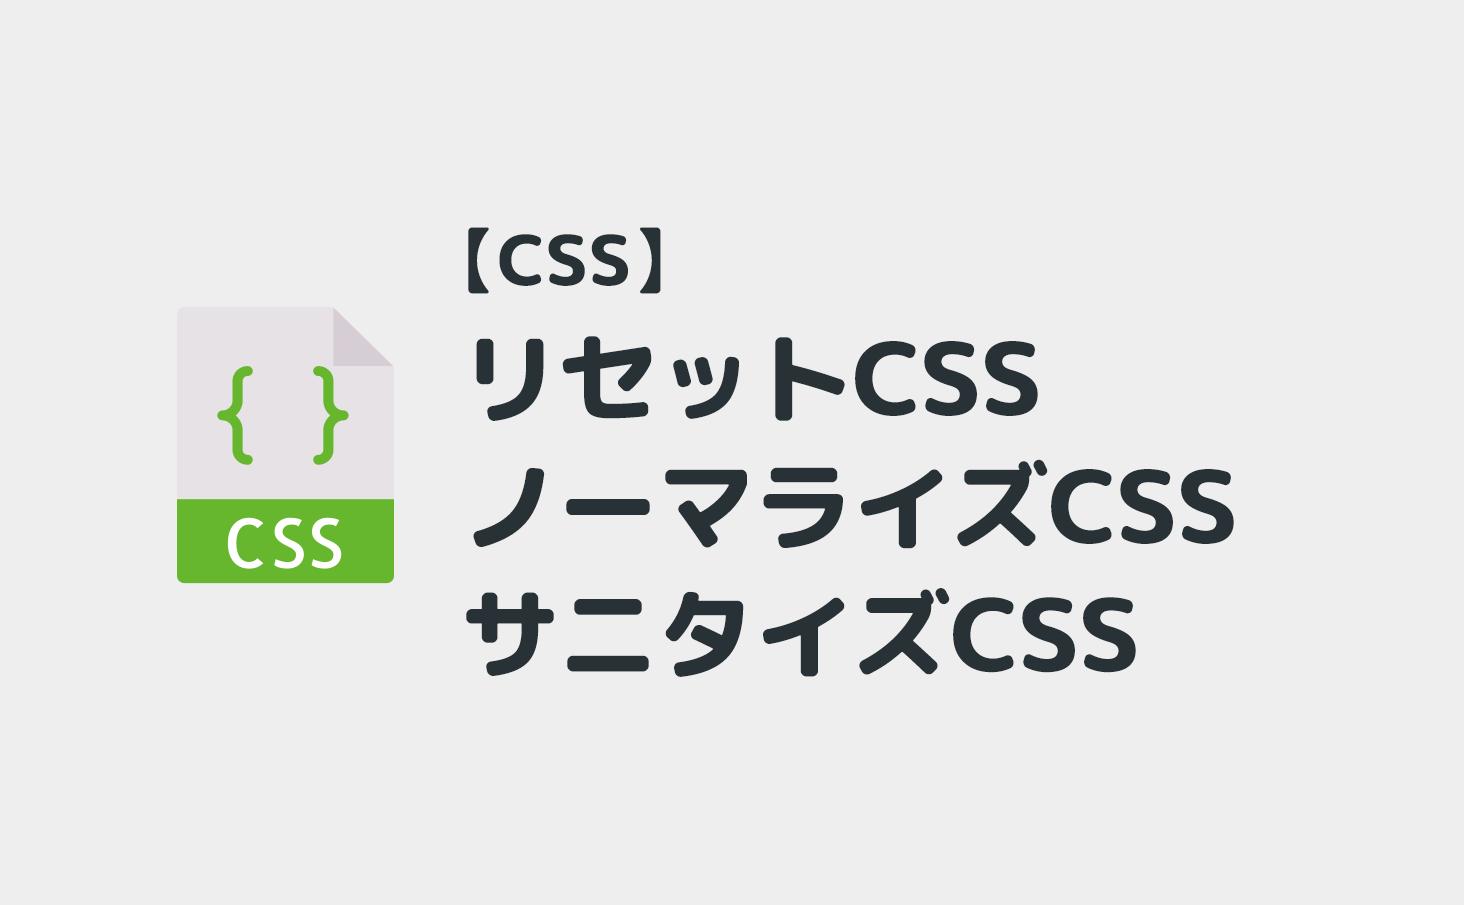 リセットCSS、ノーマライズCSS、サニタイズCSS